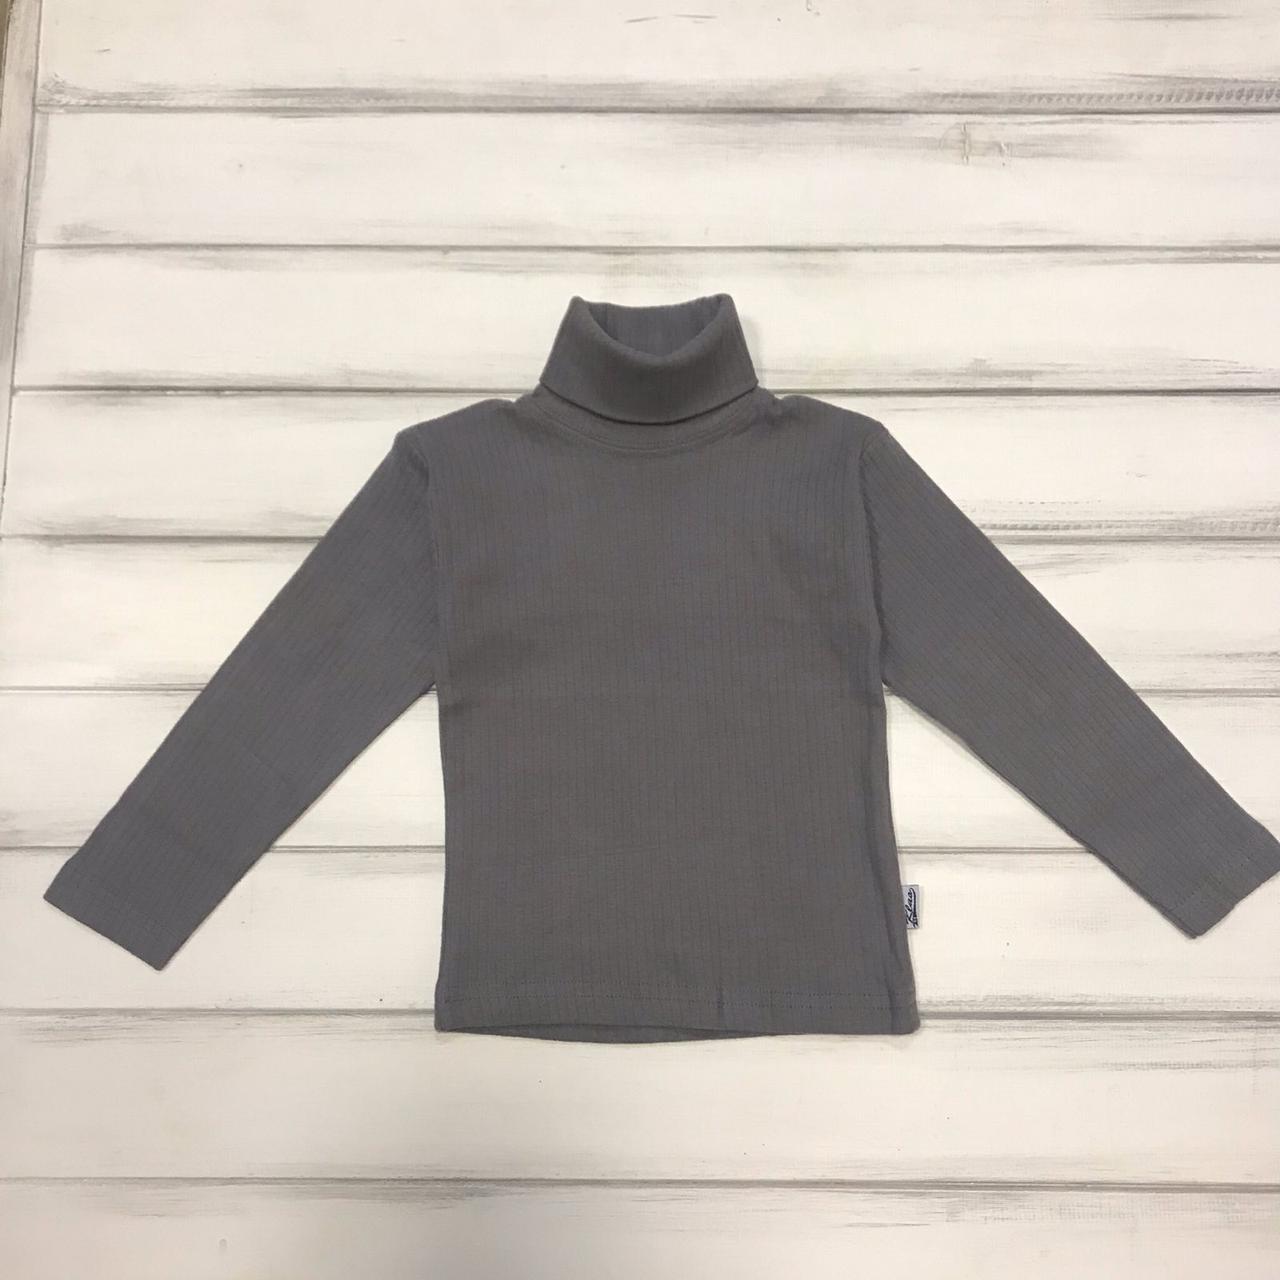 Детская одежда оптом Гольф велюр рубчик  оптом р.5-6-7 лет